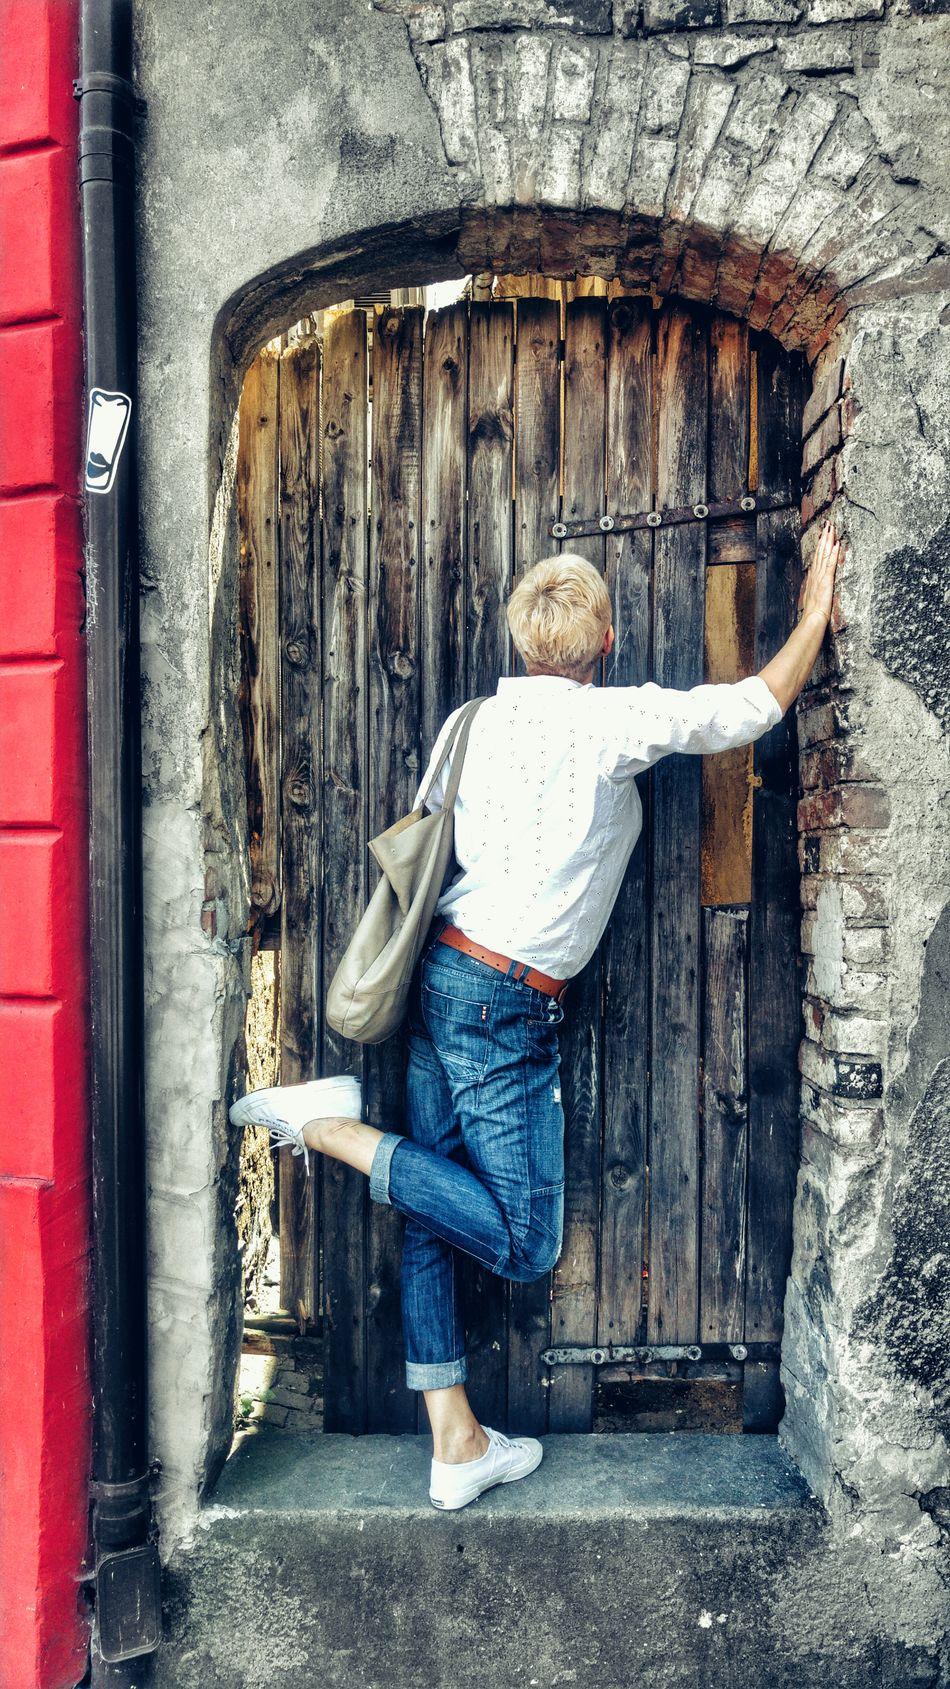 Stare Miasto Old Buildings Doors Wooden Door Drzwi Drewno Cegła ściana Bricks Brick Wall Portrait Person Kobieta Woman Woman Portrait Ubrania Codzienny Ubiór Clothes Everyday Clothes Jeans Koszula White Shirt Red Wall Czerwona ściana